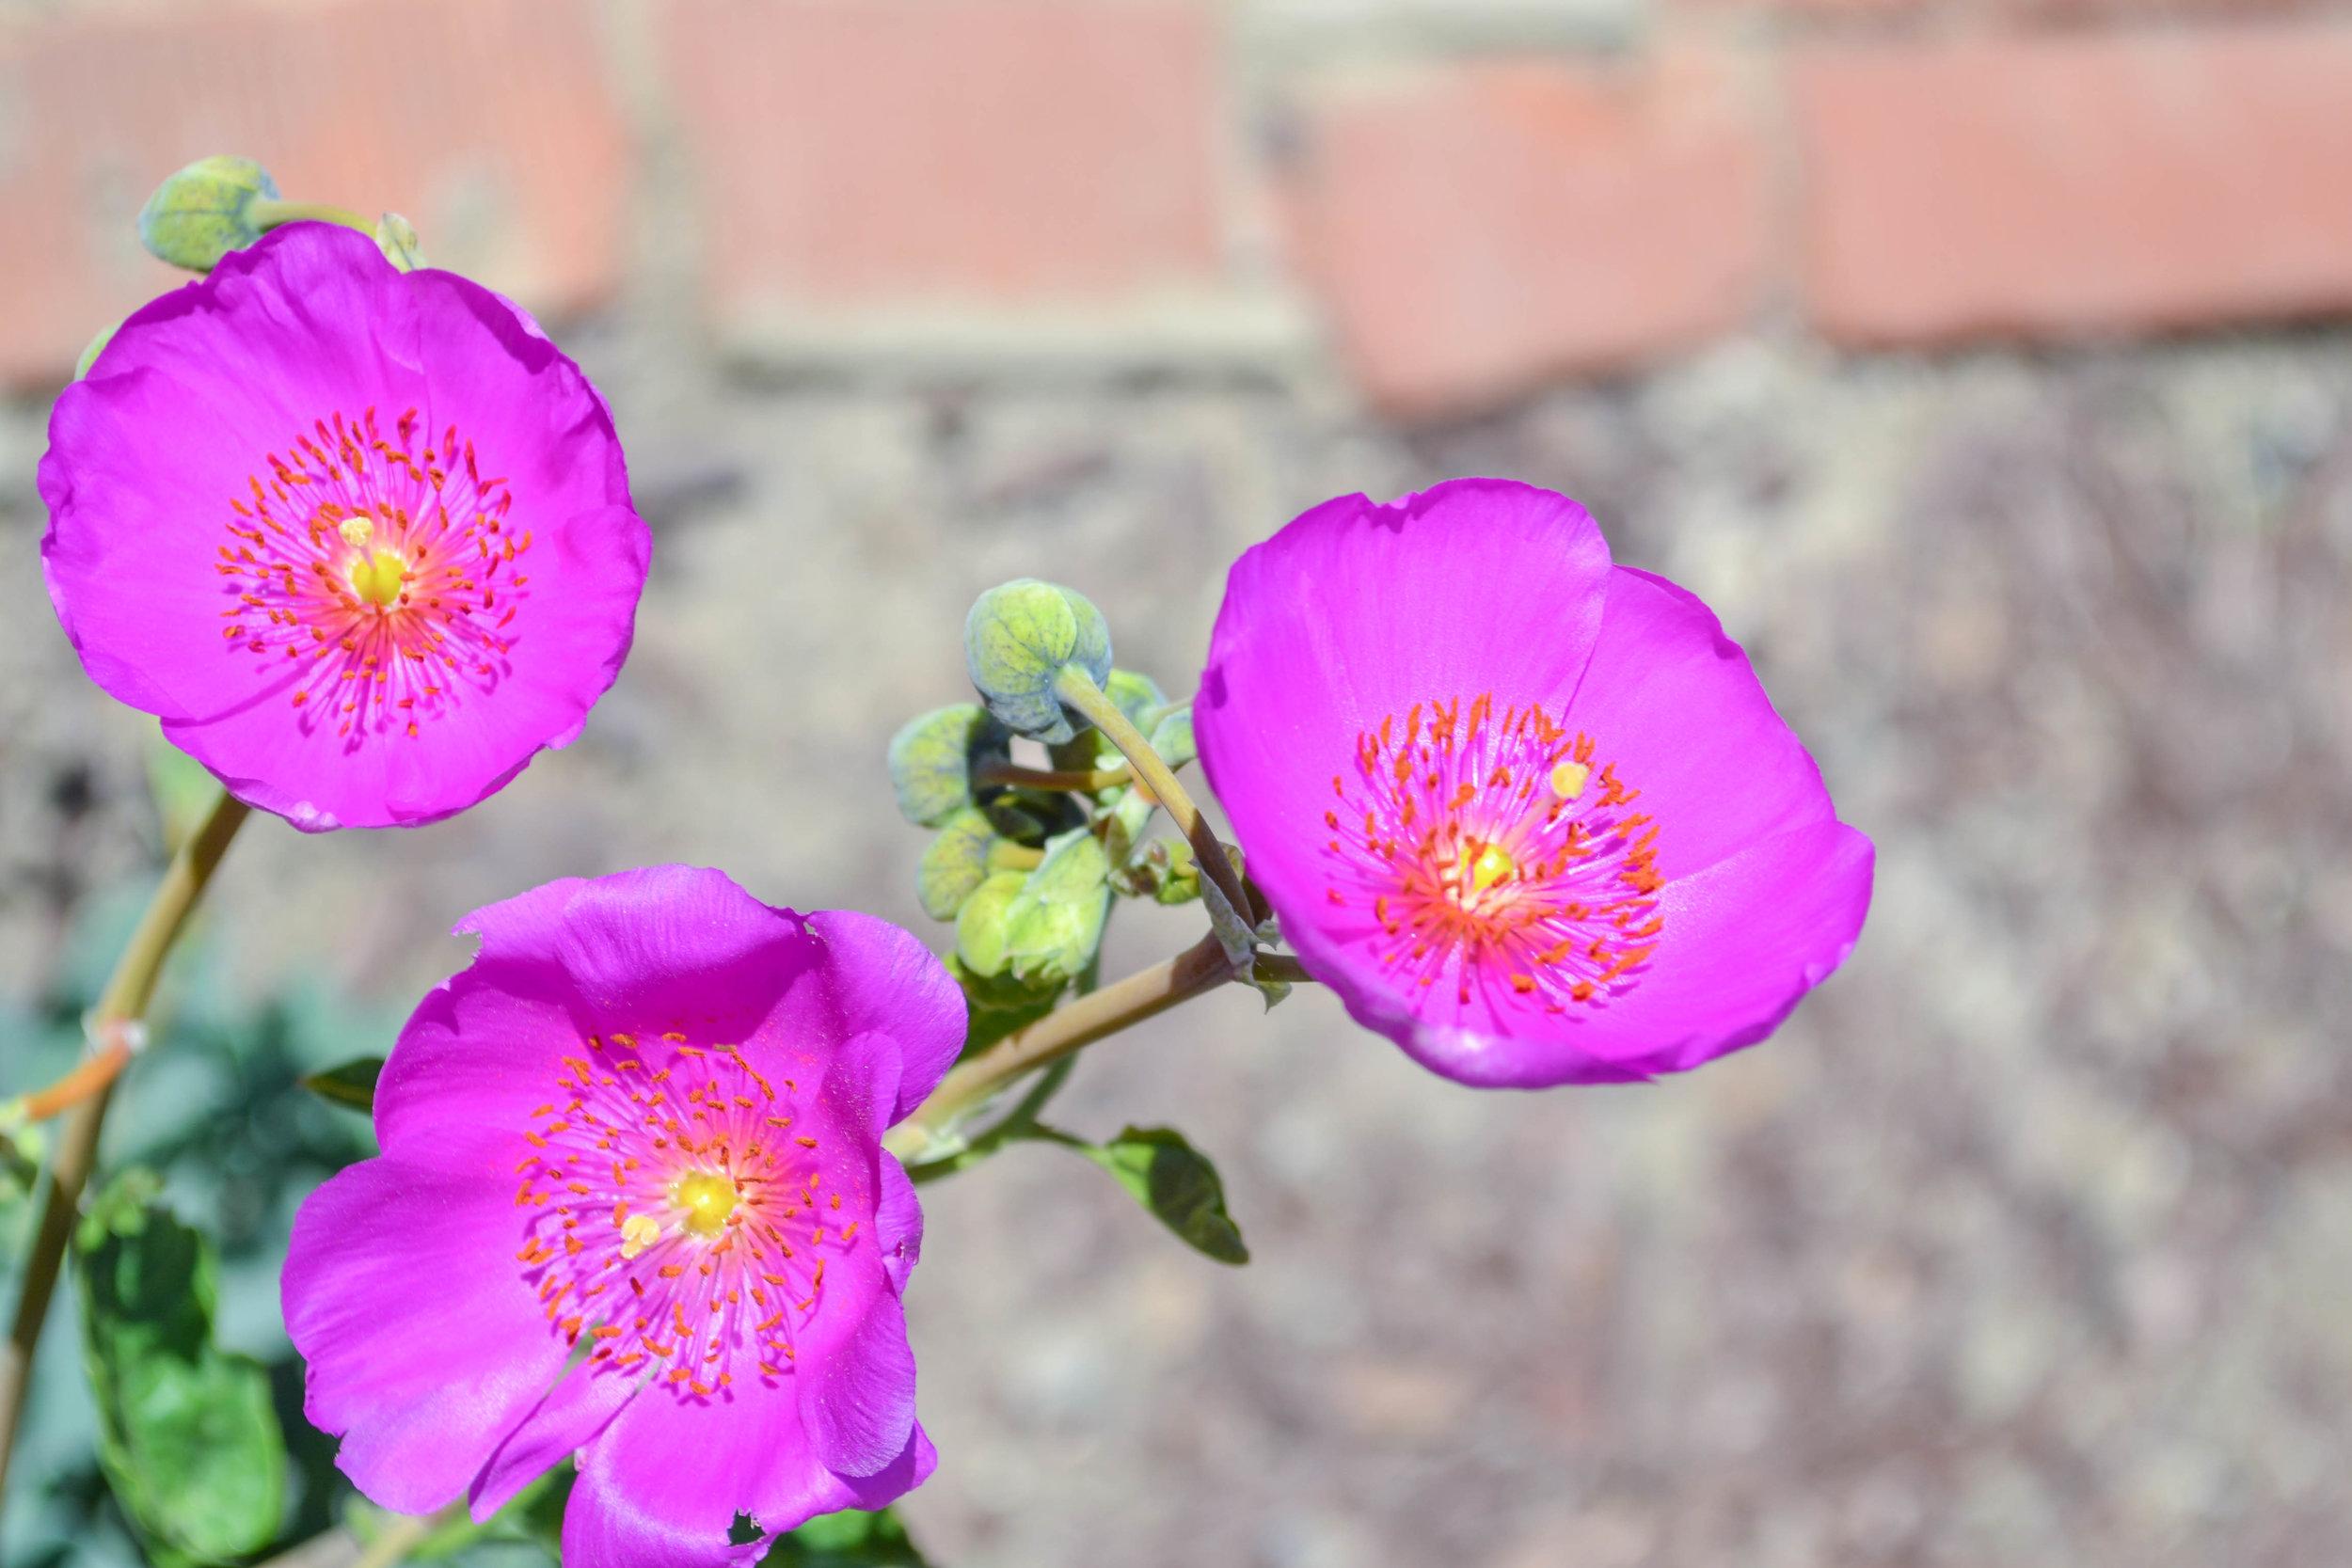 bri rinehart; nature; photographer; flower